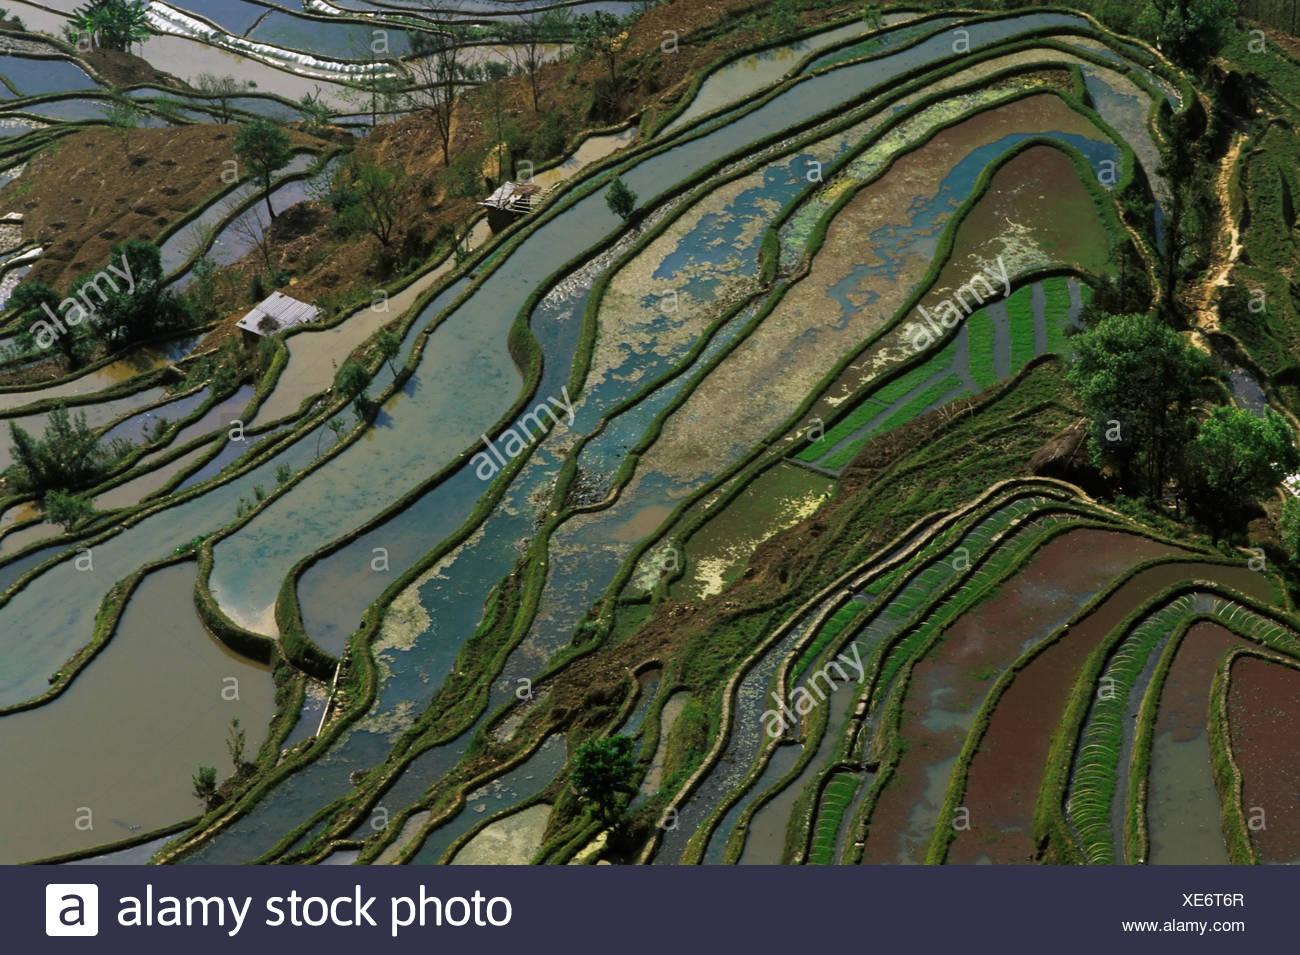 Rice terraces at Tiger's Mouth, Yuanyang, Yunnan, China, Asia - Stock Image